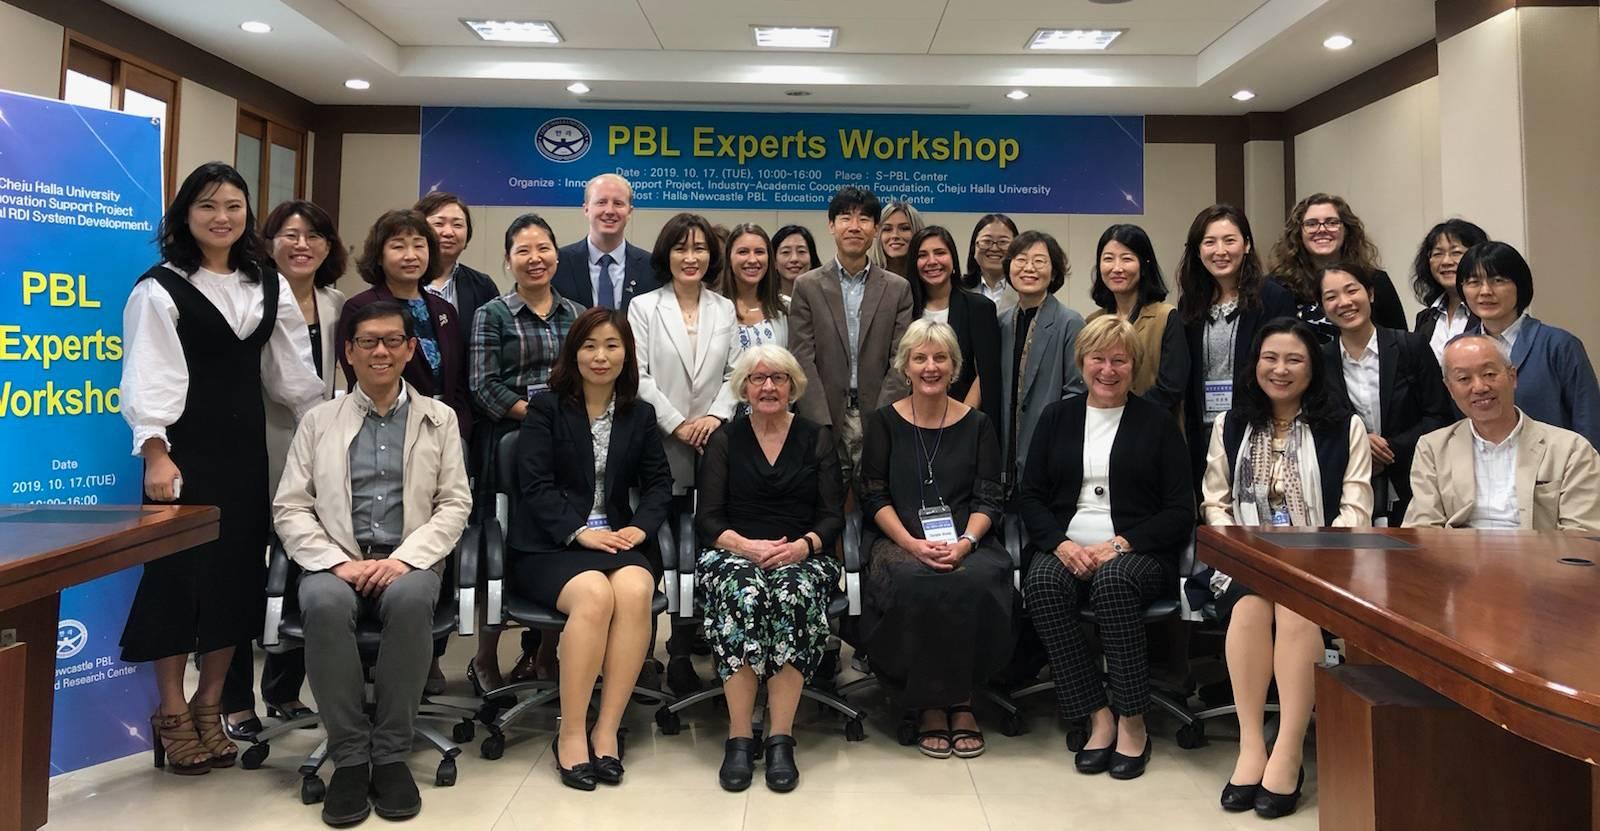 제주한라대학교 한라·뉴캐슬 PBL 교육연구원, PBL 국제학술심포지엄 개최2